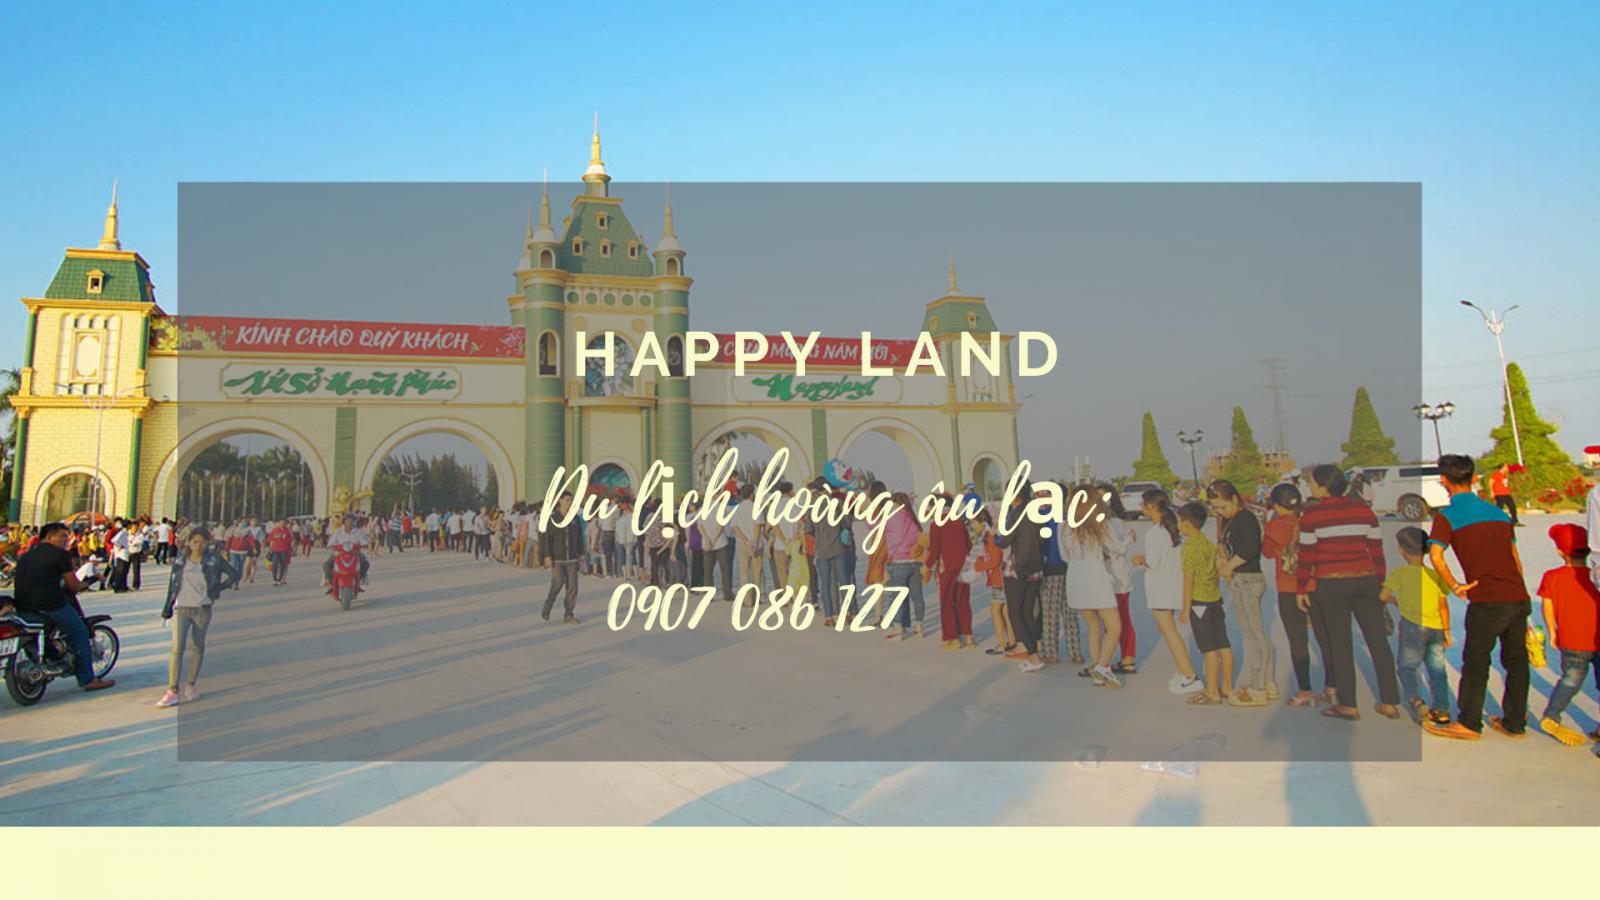 Địa điểm du lịch Hồ Chí Minh 3